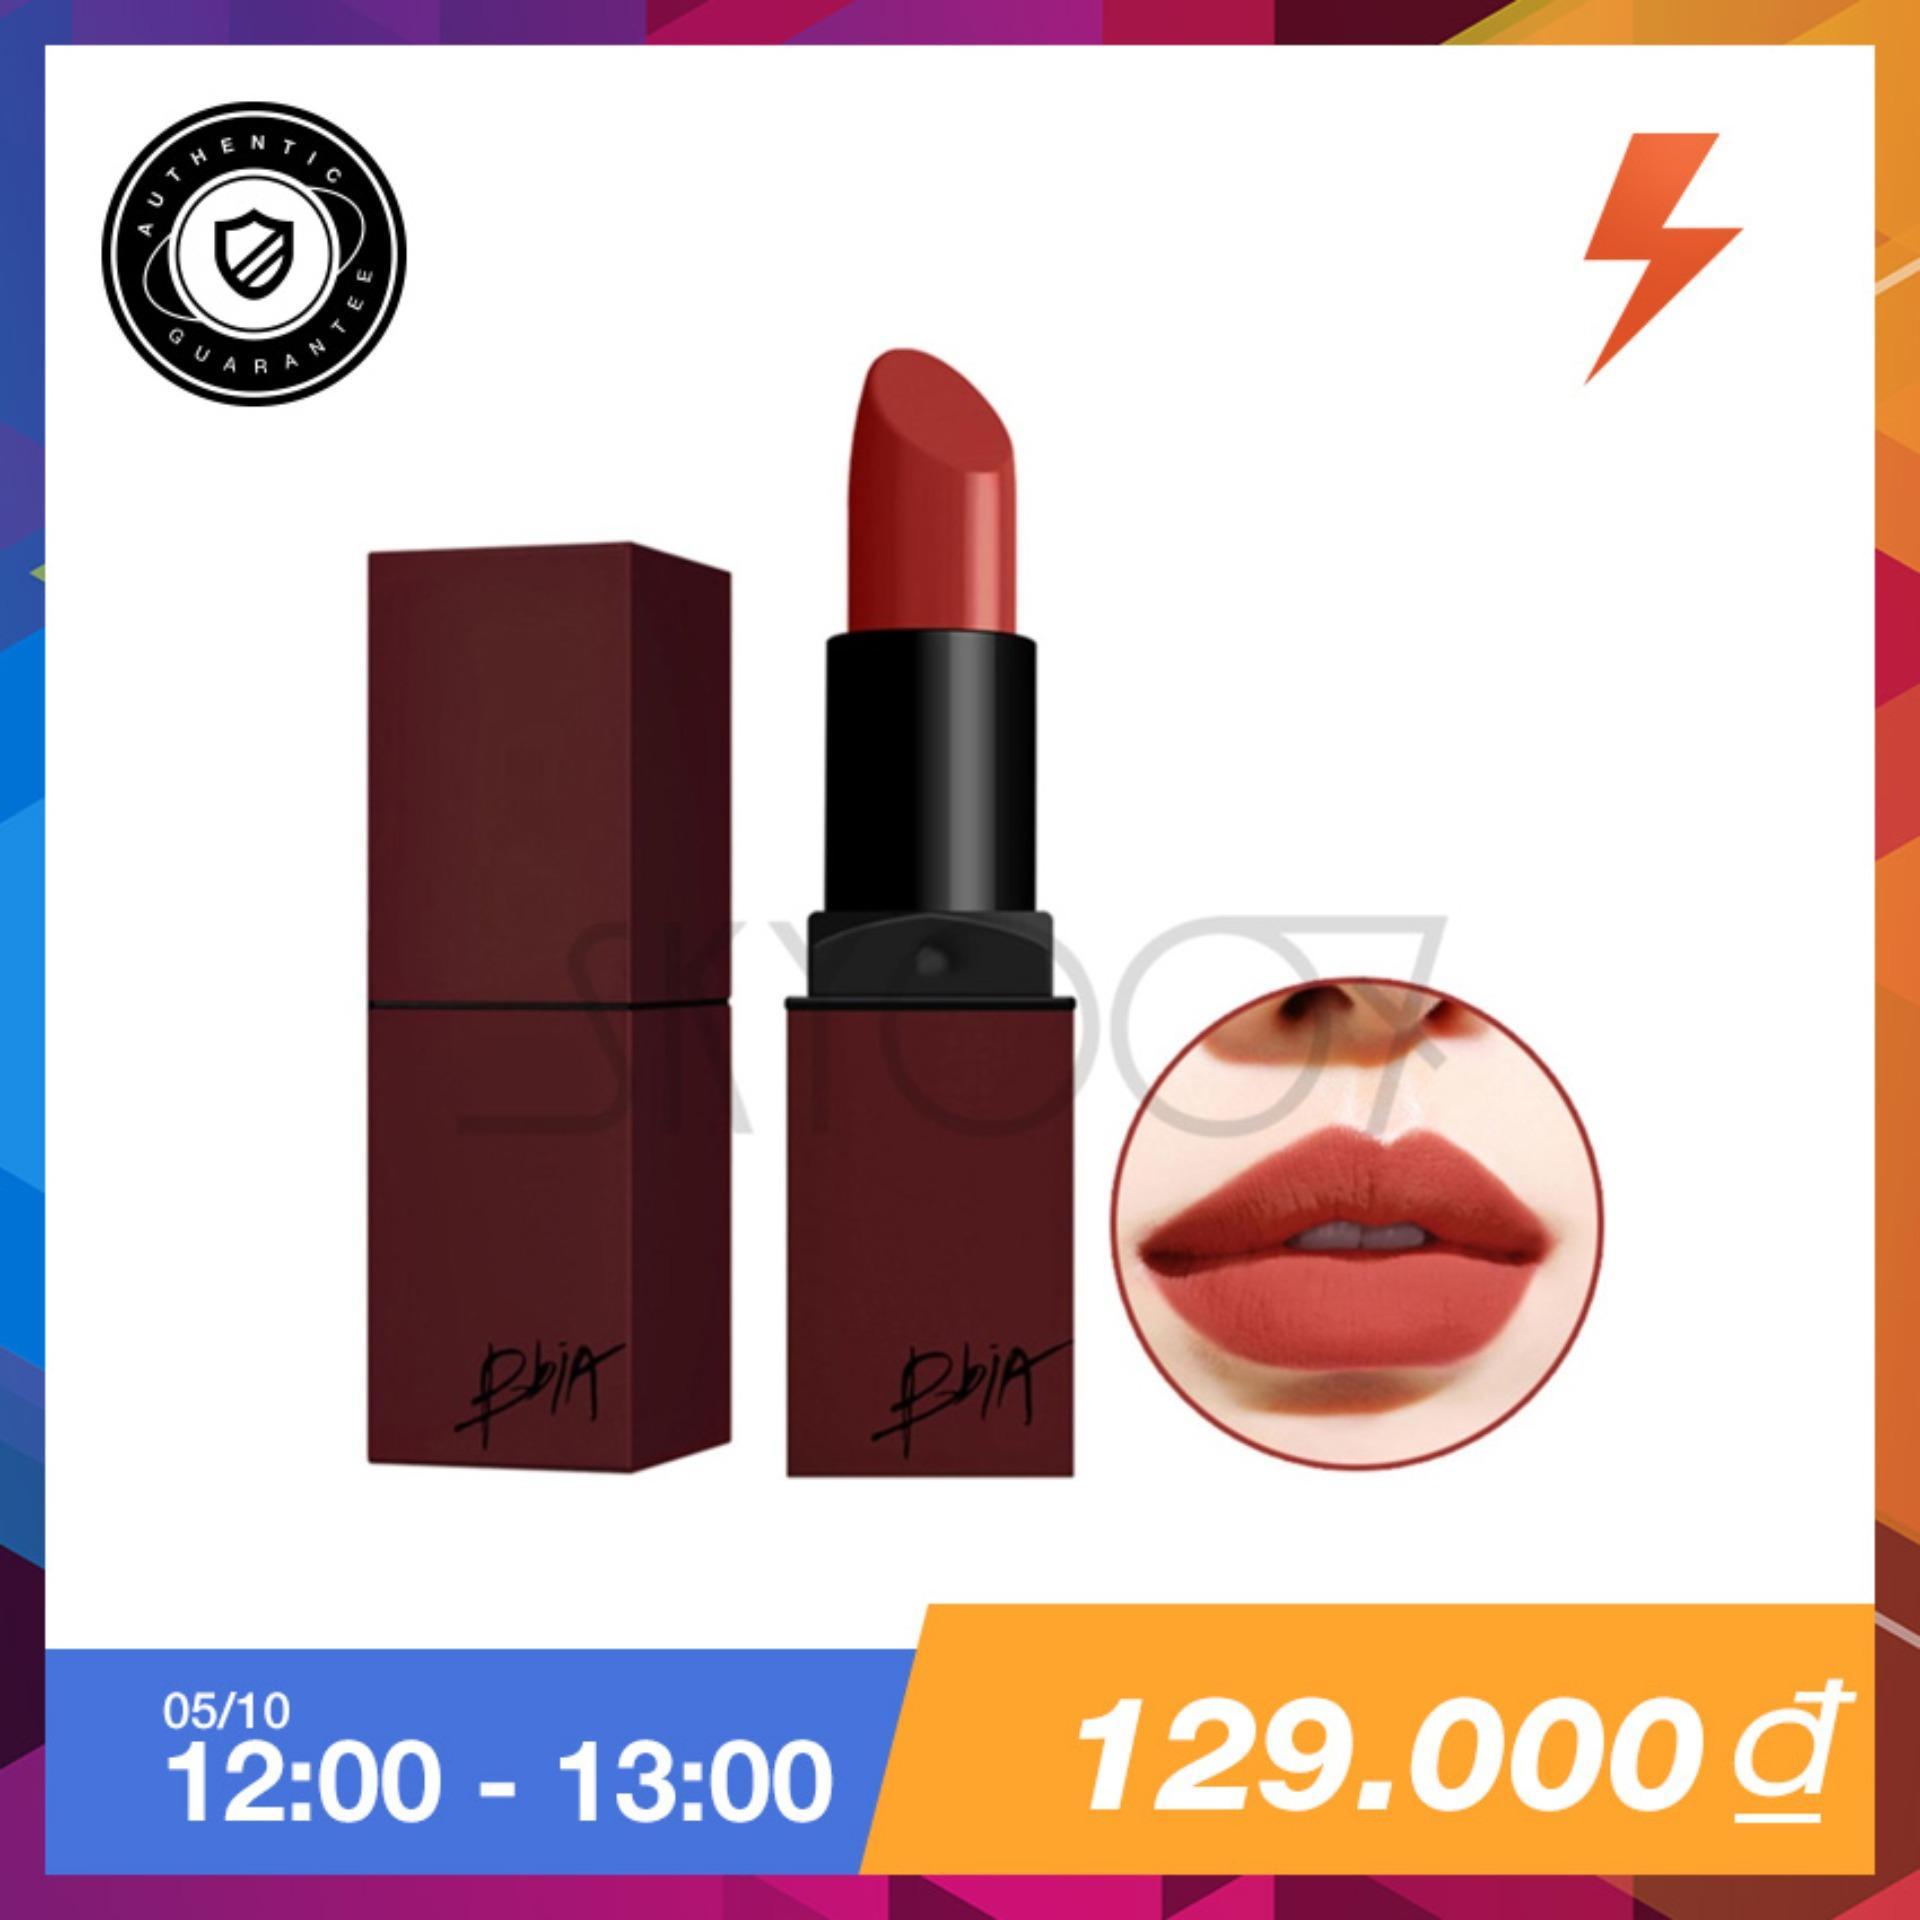 Giá Bán Son Li Vỏ Vuong Bền Mau Bbia Last Lipstick Version 3 12 Fantasy Mau Cam Đất Nguyên